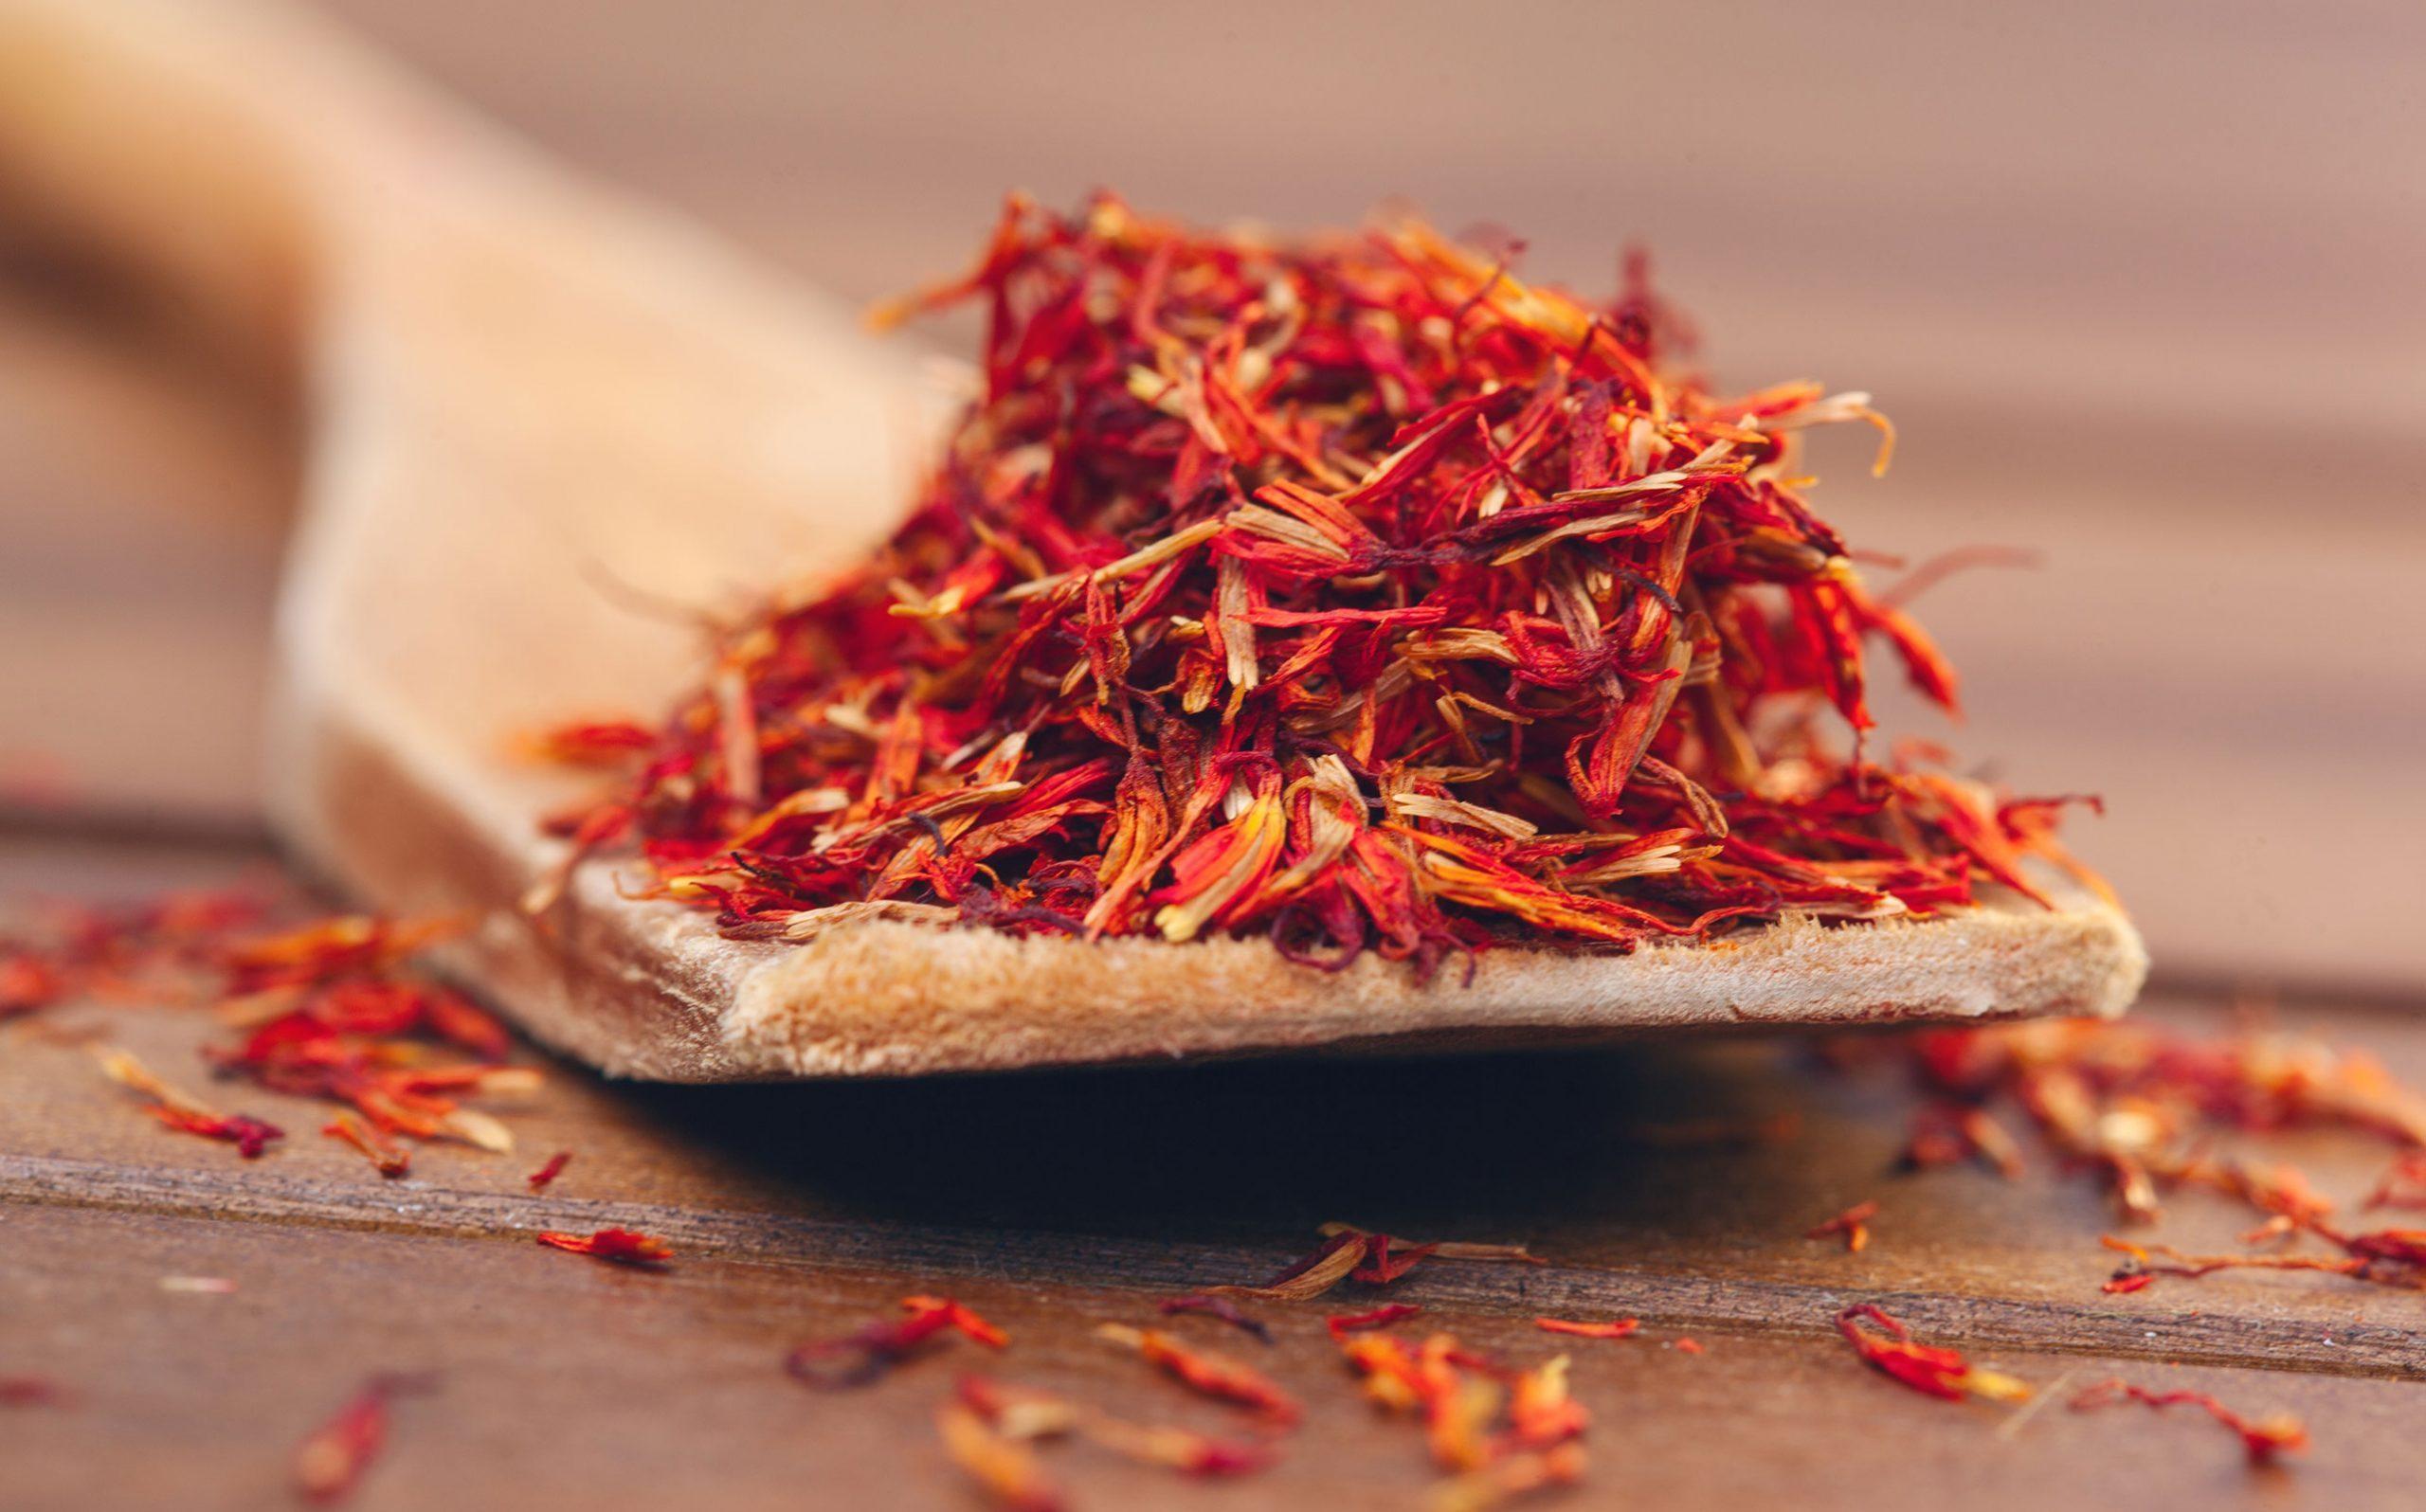 تاریخچه گیاه زعفران